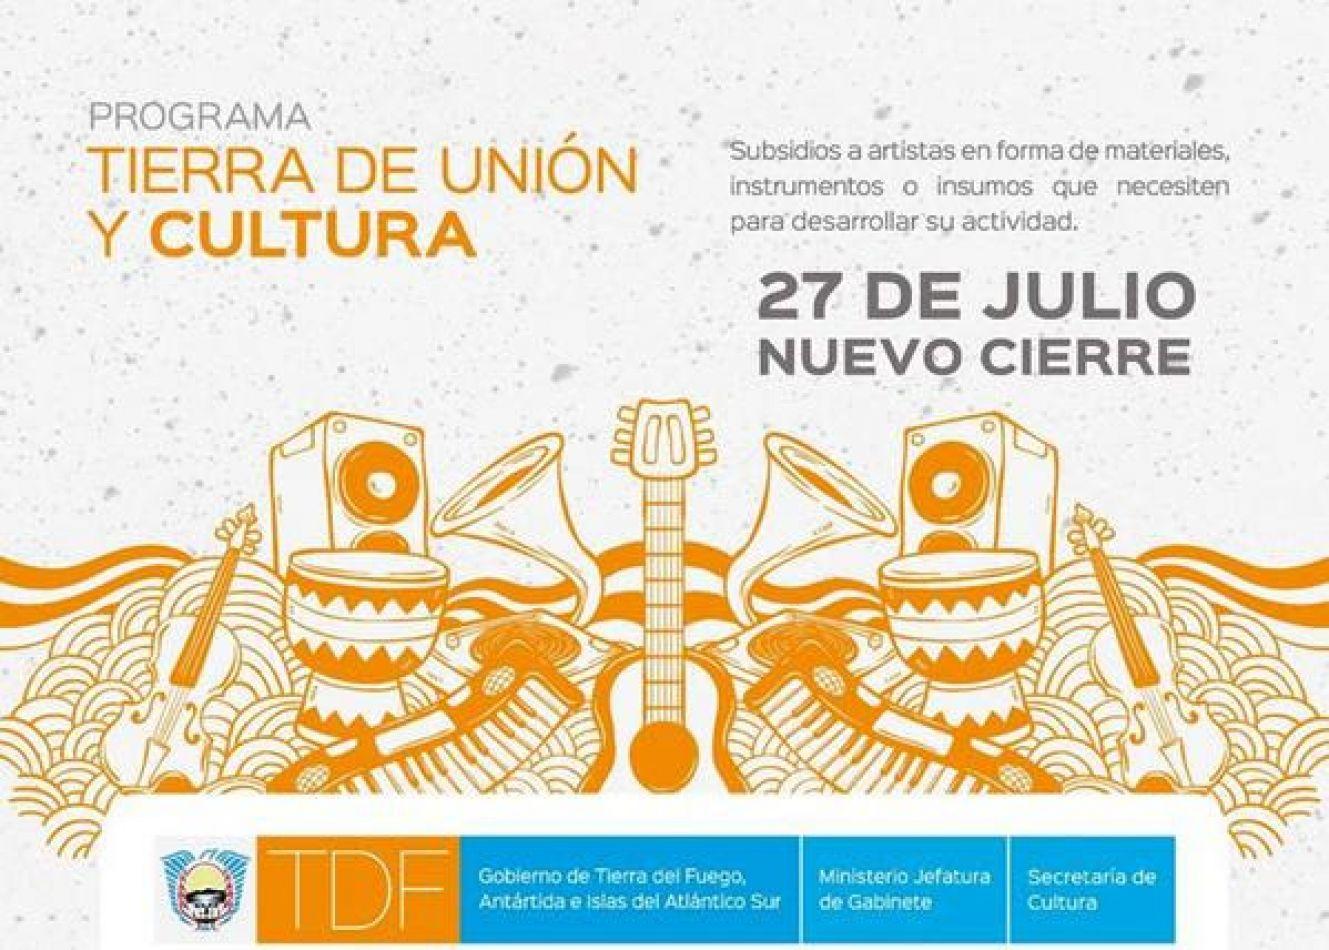 Programa Tierra de Unión y Cultura